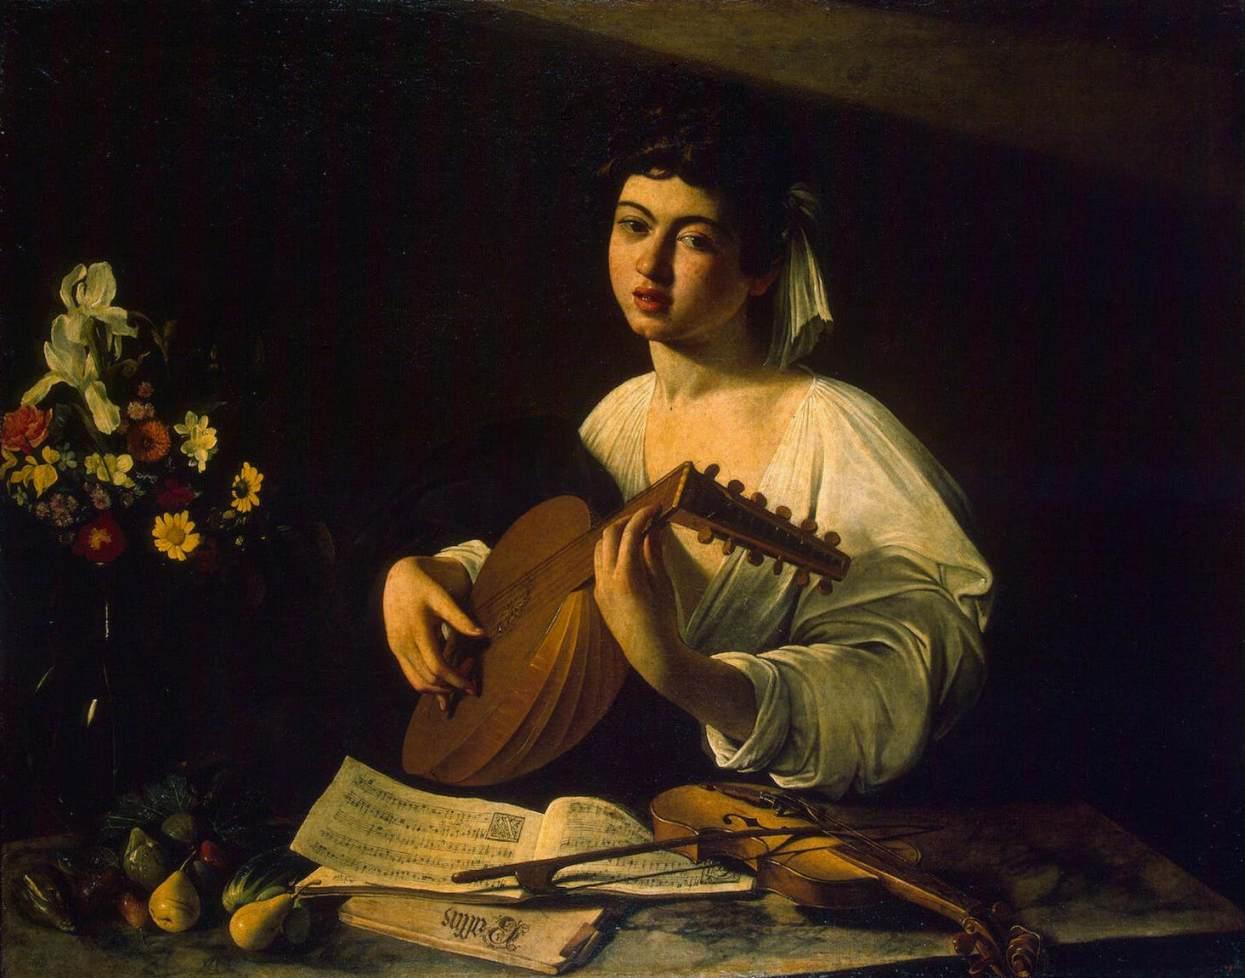 Michelangelo_Merisi_da_Caravaggio_-_Lute_Player_-_WGA04086